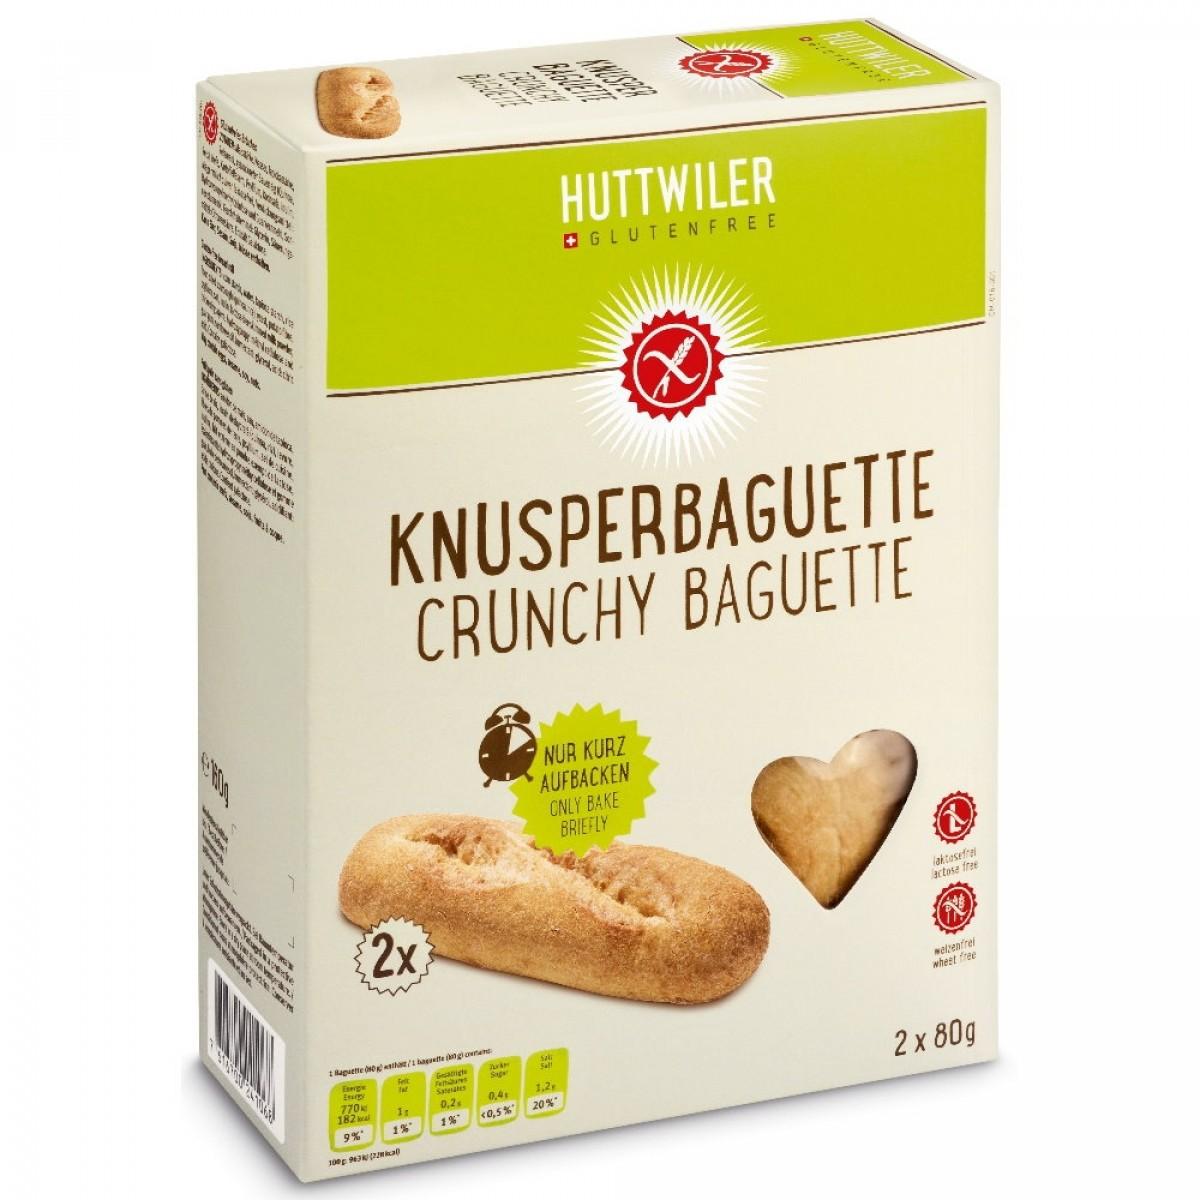 Crunchy Baguette